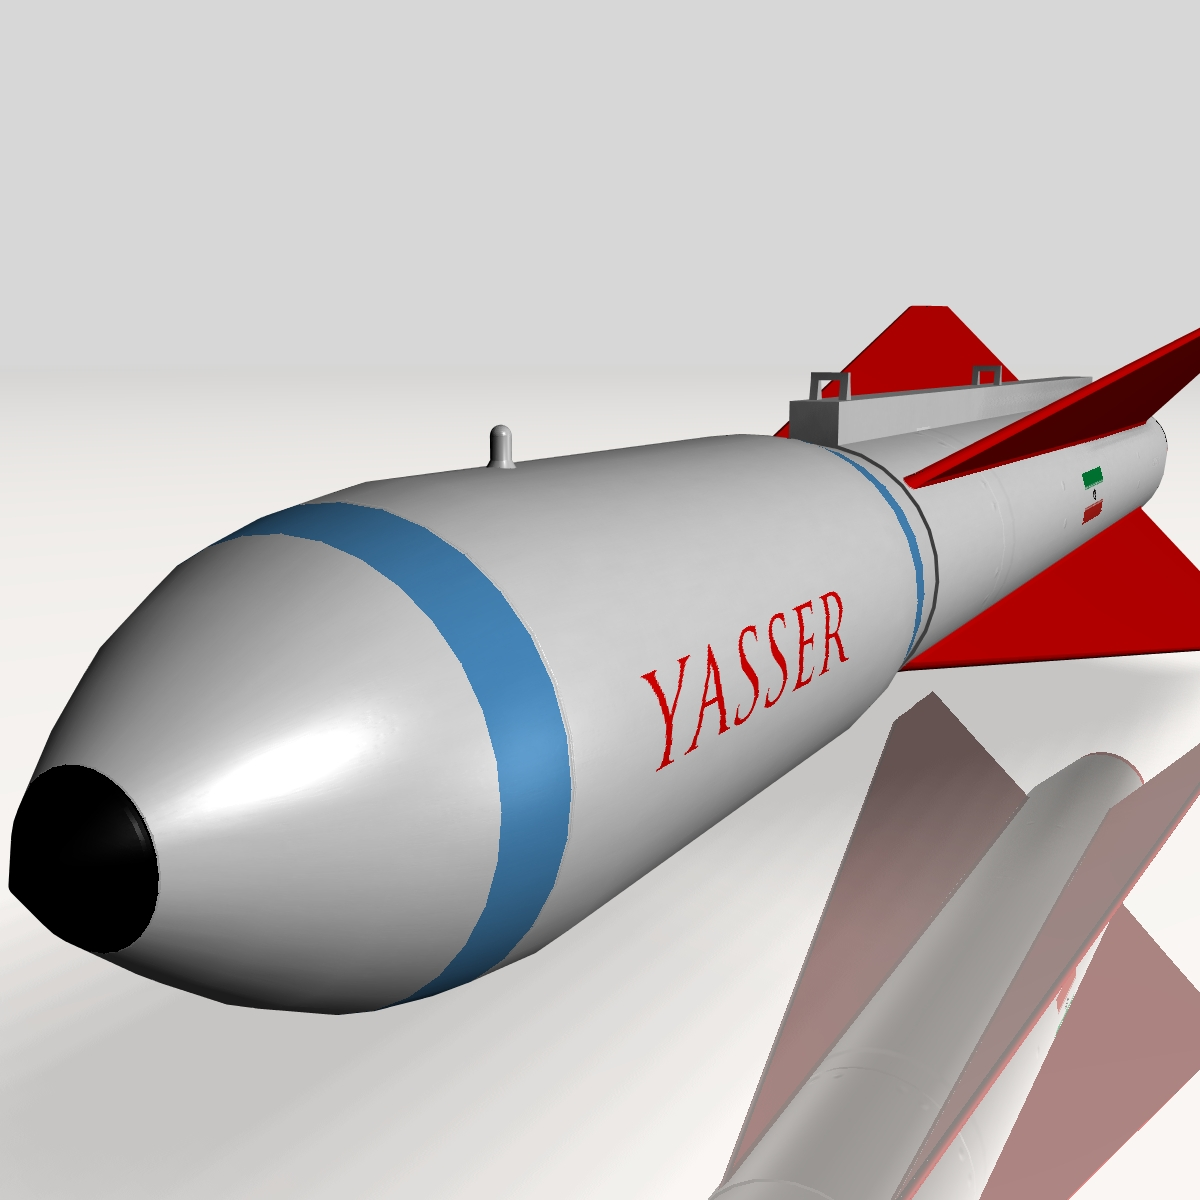 iranian yasser asm missile 3d model 3ds dxf cob x obj 150566